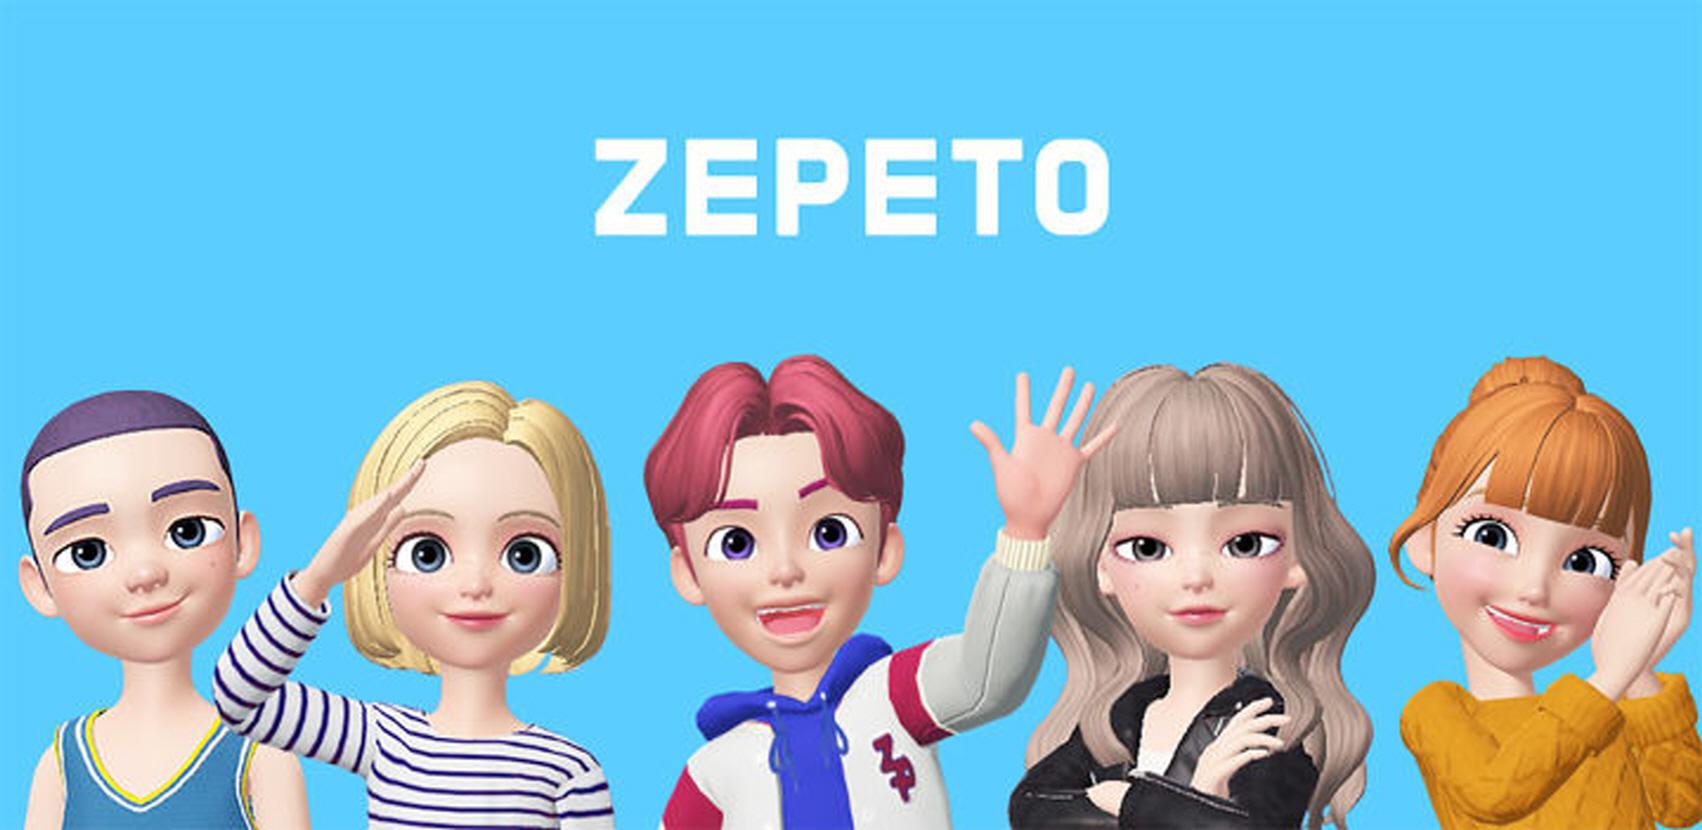 제페토 - ZEPETO